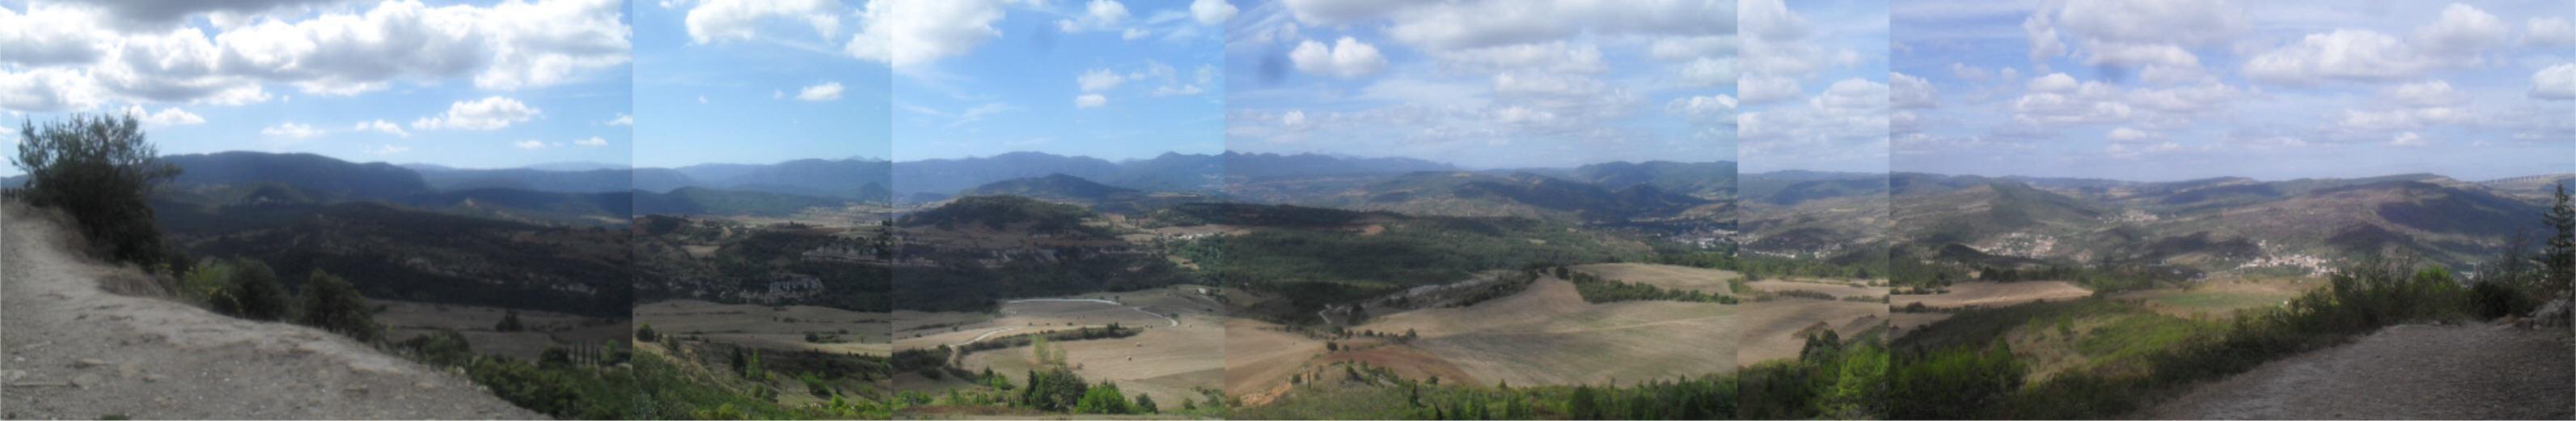 Vue panoramique sur le Casteillas et le sud des Pyrénées